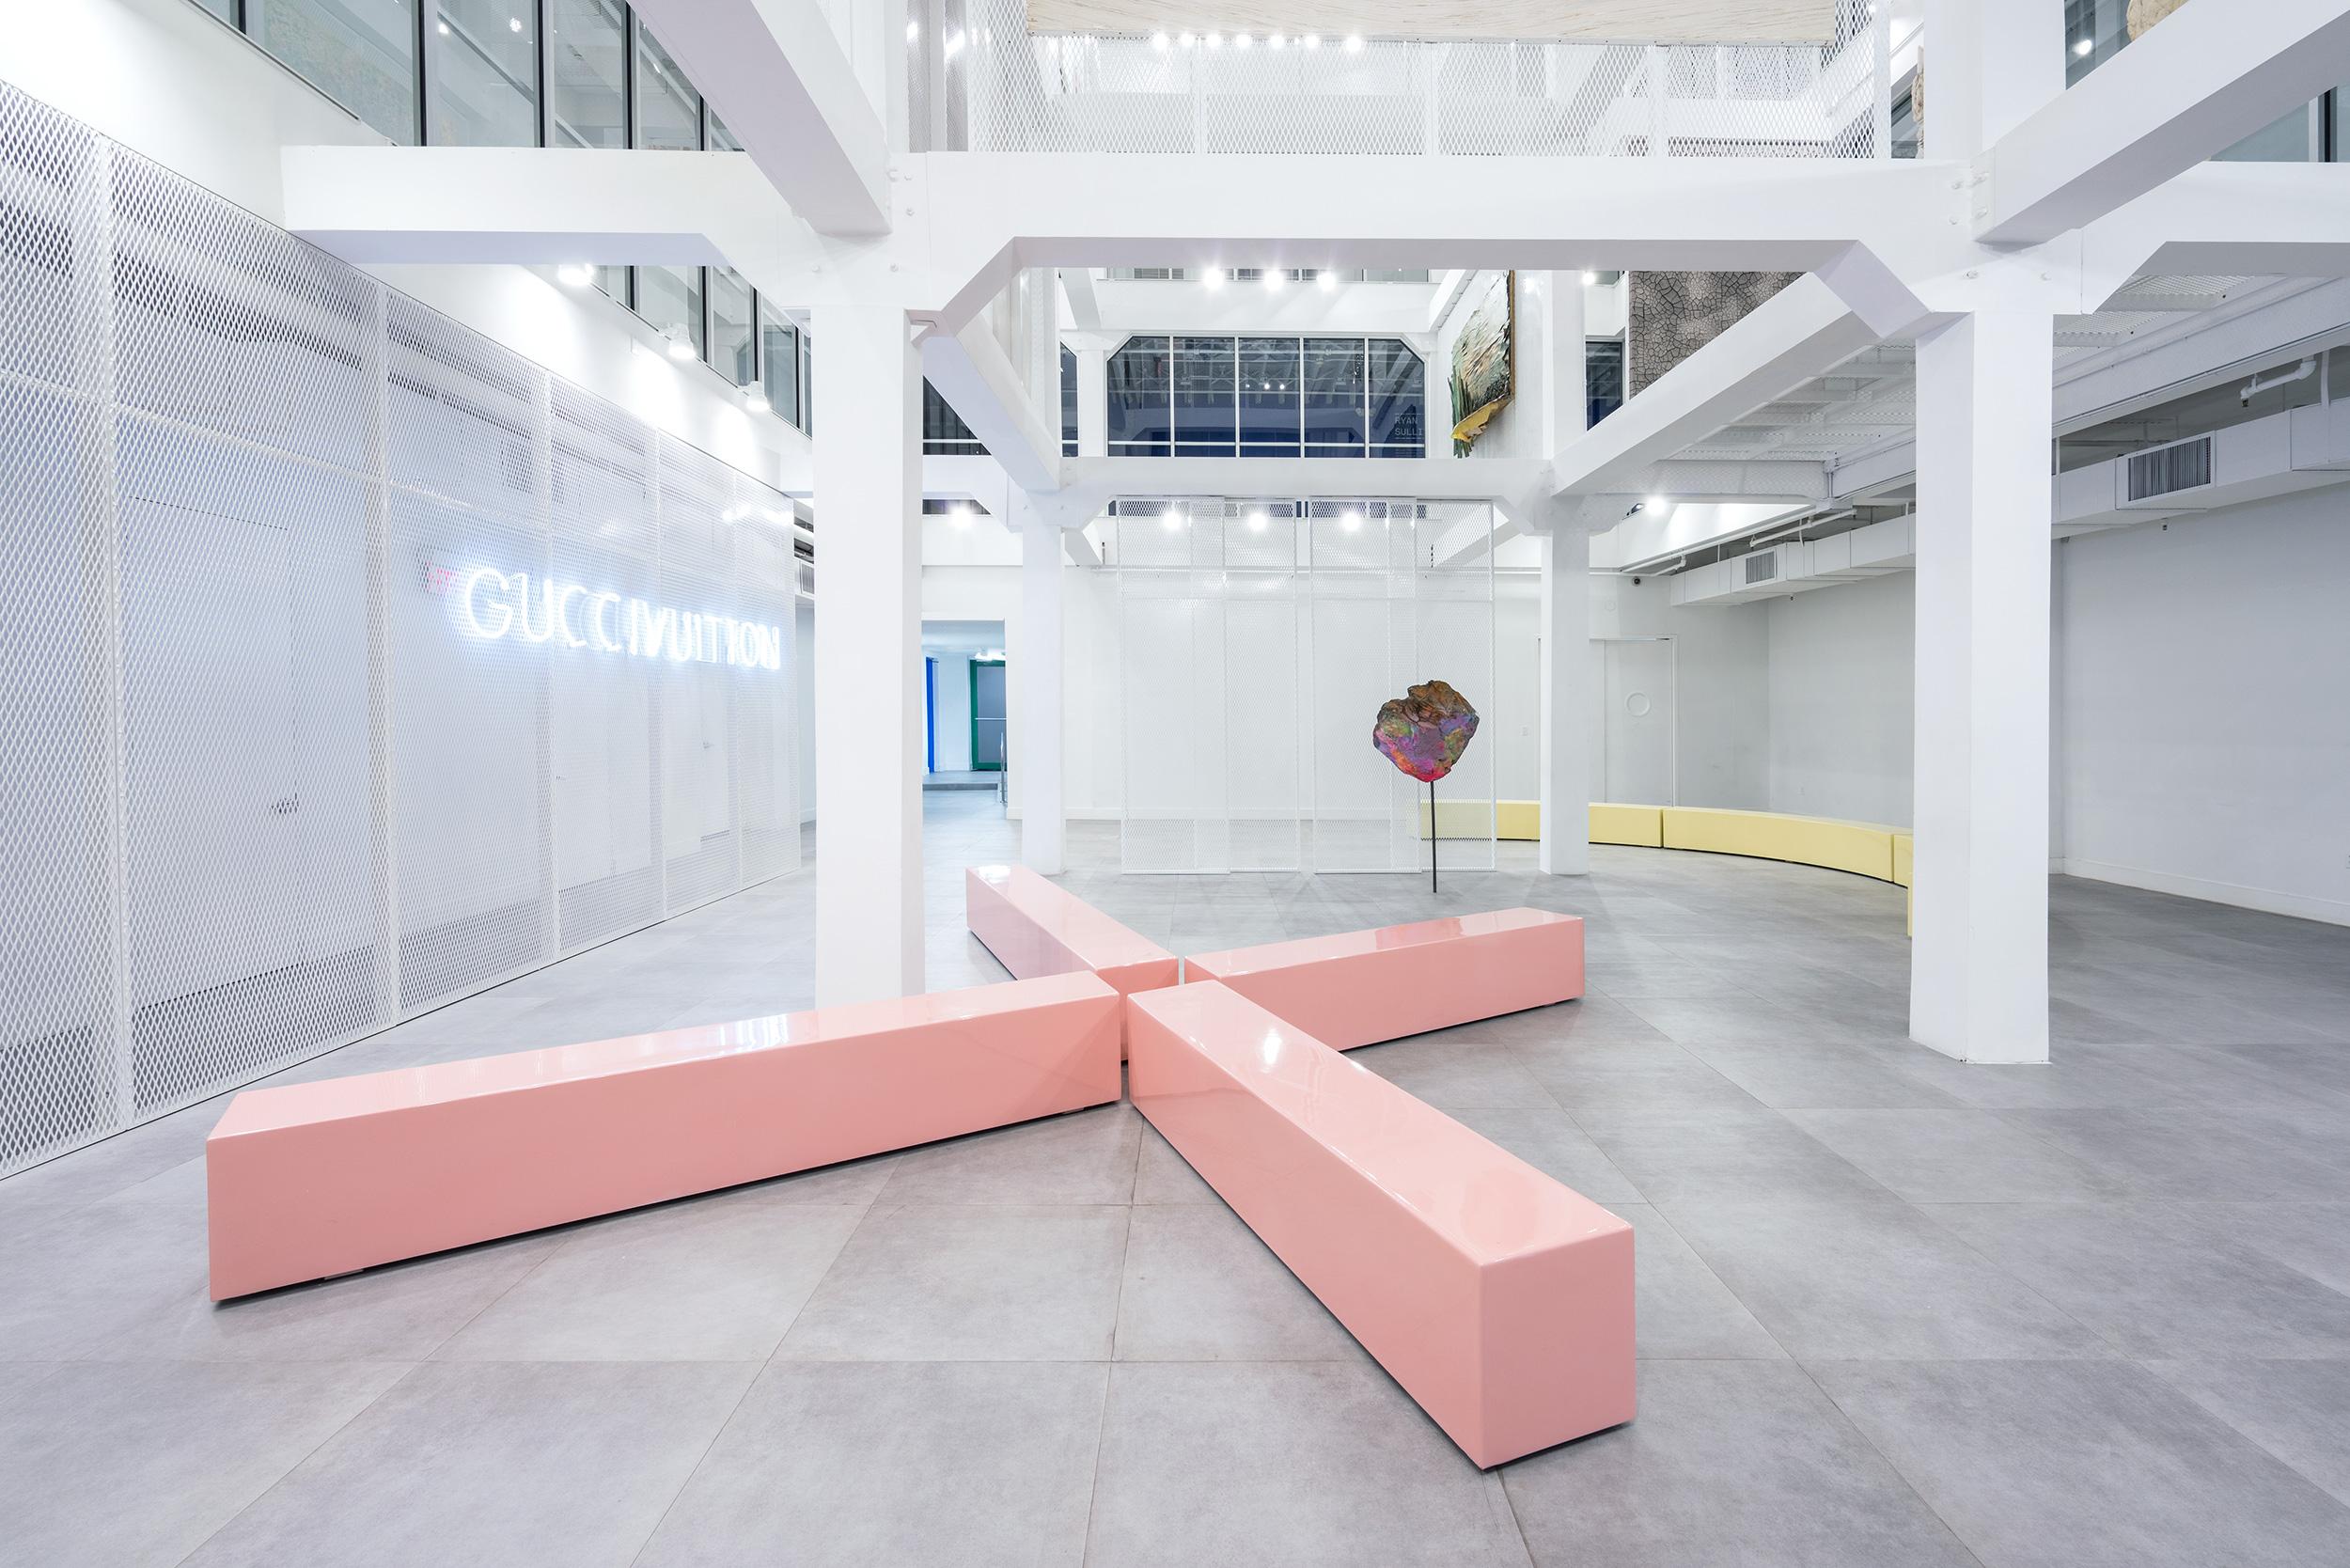 Ground-floor Atrium Gallery, photo Studio LH00Q. Courtesy ICA Miami.